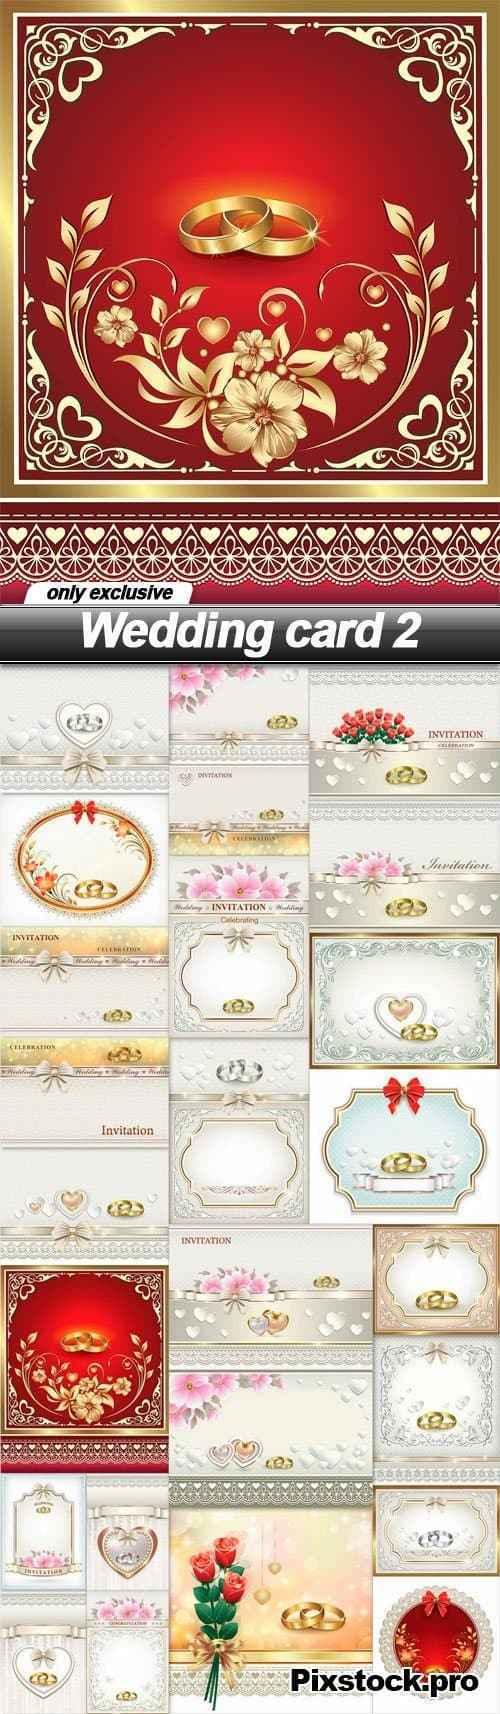 Wedding card 2 – 25 EPS